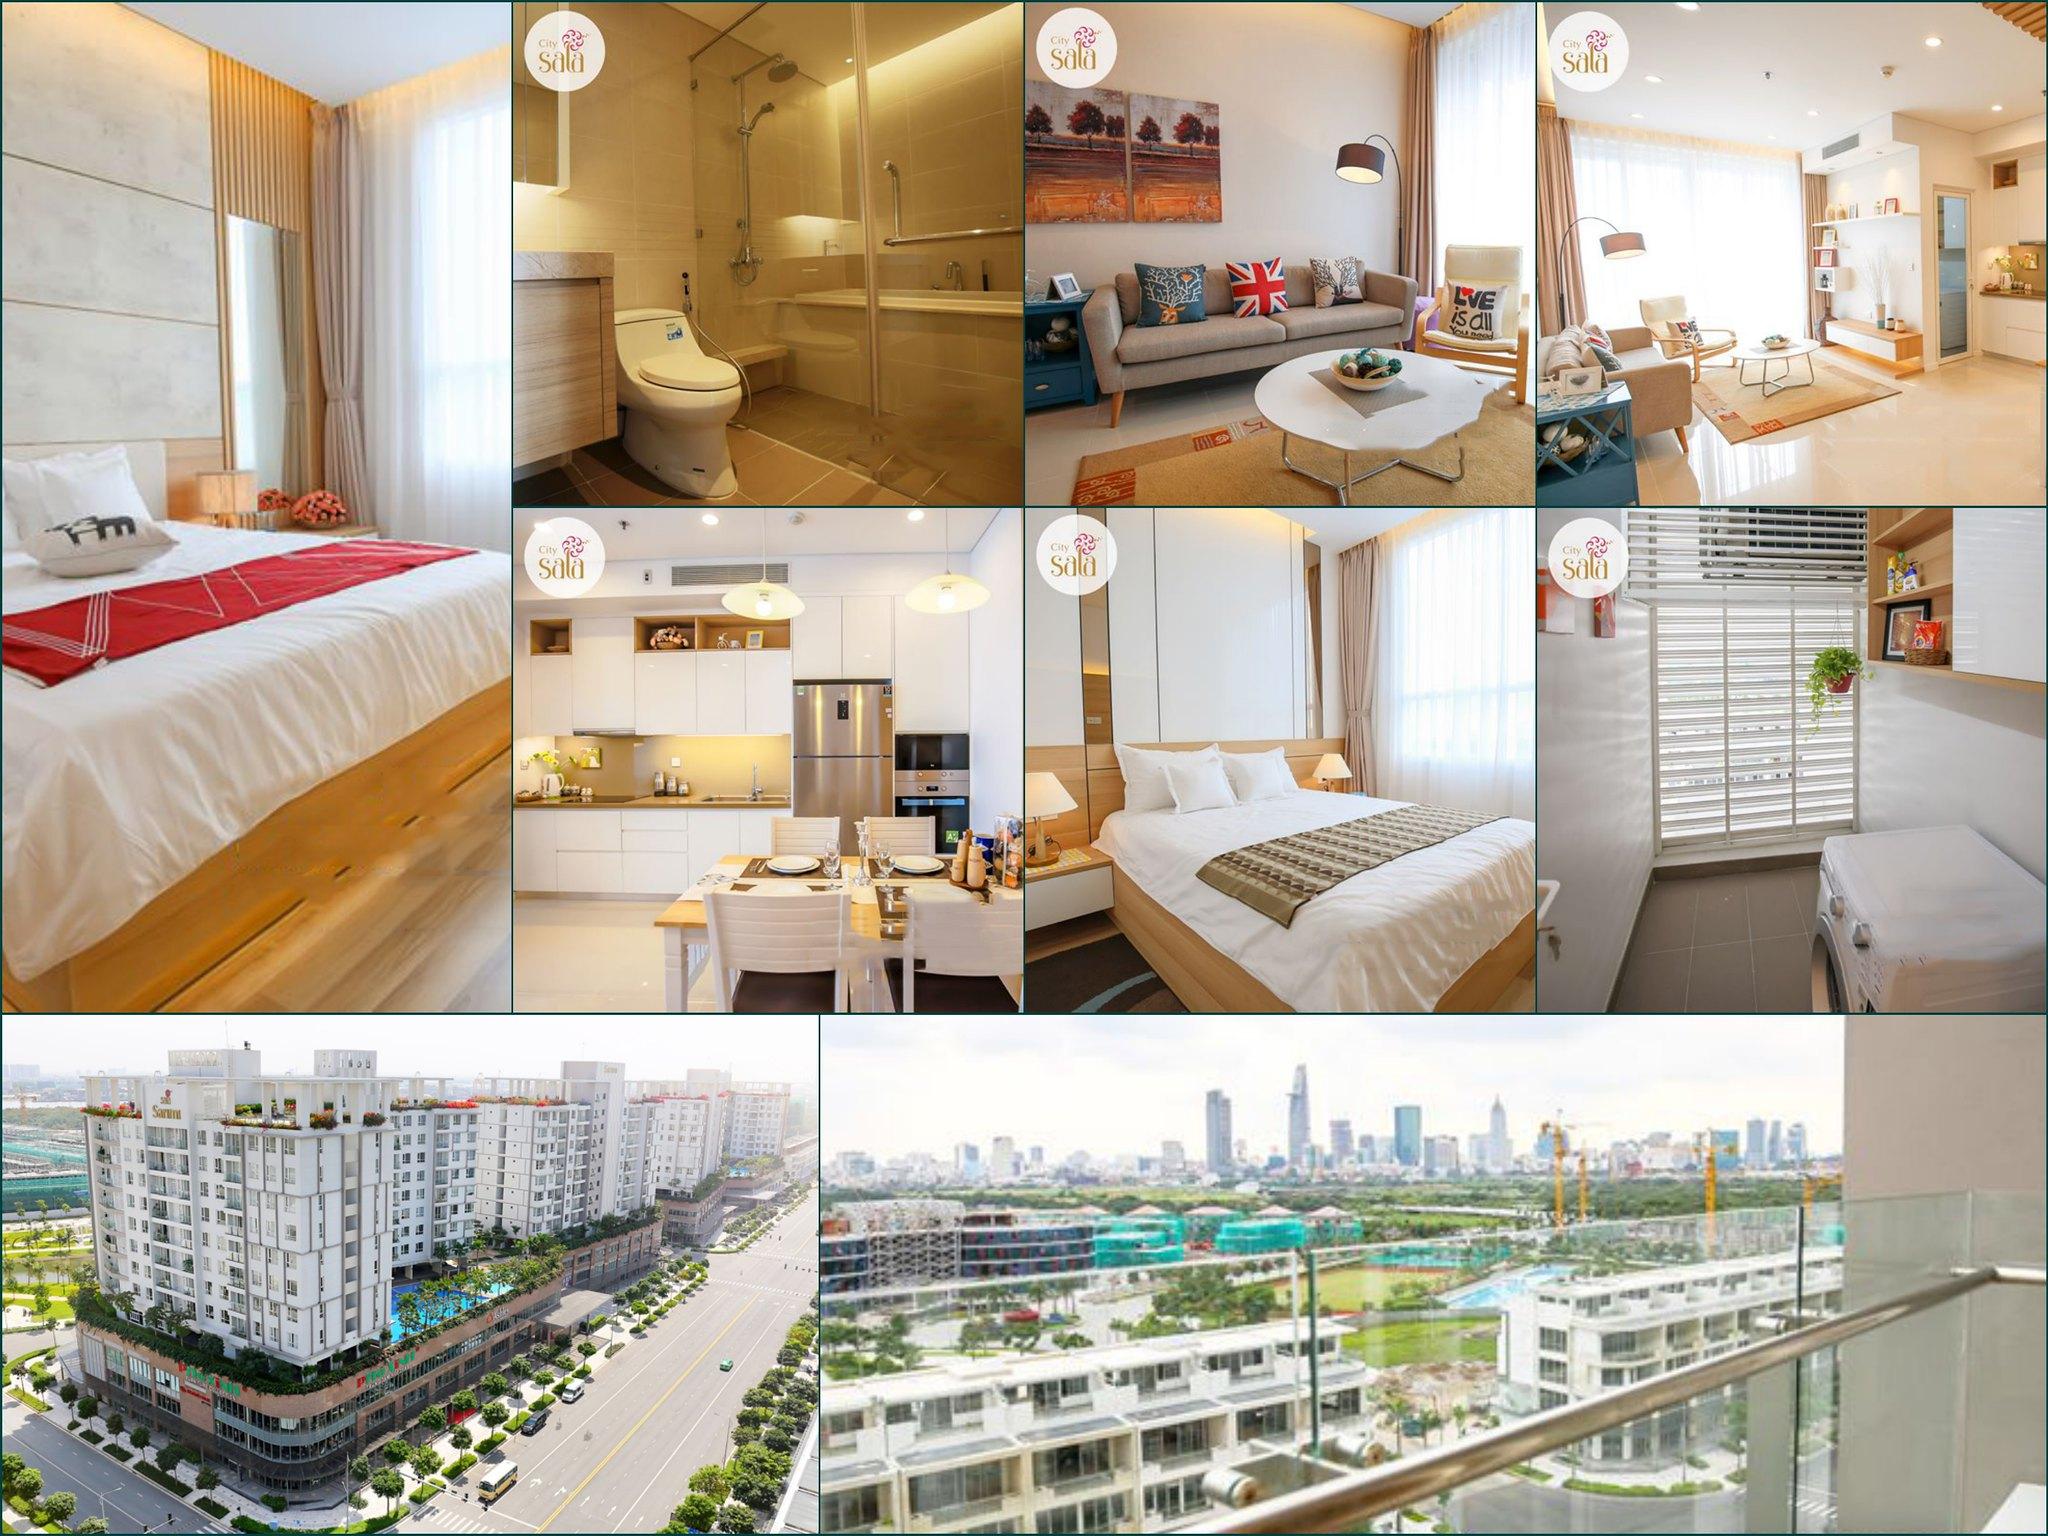 Hình ảnh nội thất thực tế căn hộ 2 phòng ngủ Sarimi Cho thuê